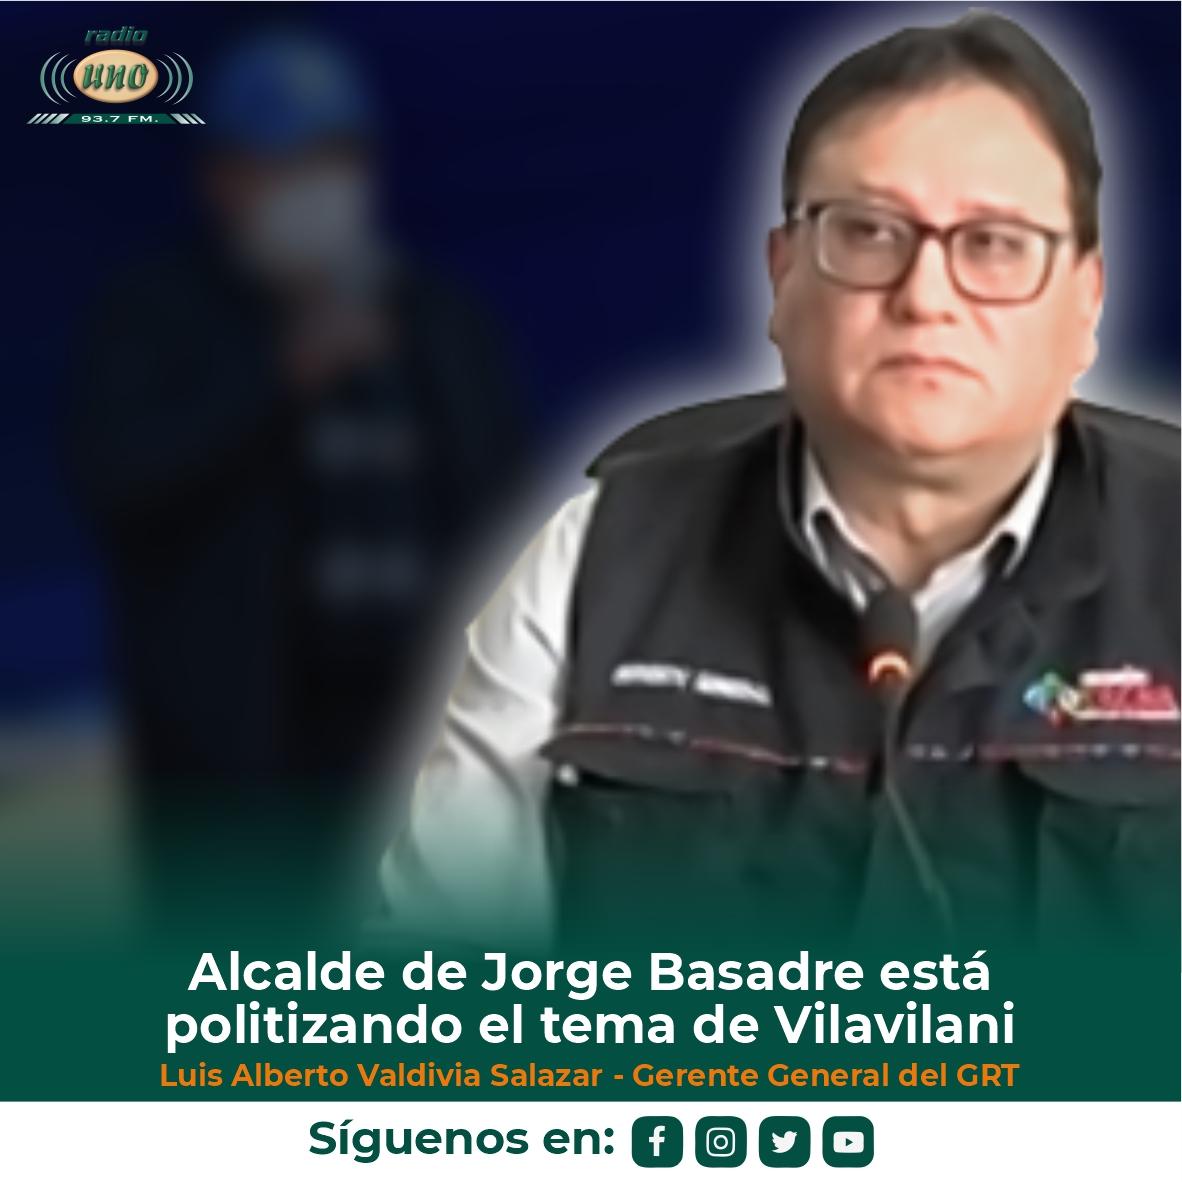 El alcalde provincial de Jorge Basadre está politizando el tema de Vilavilani